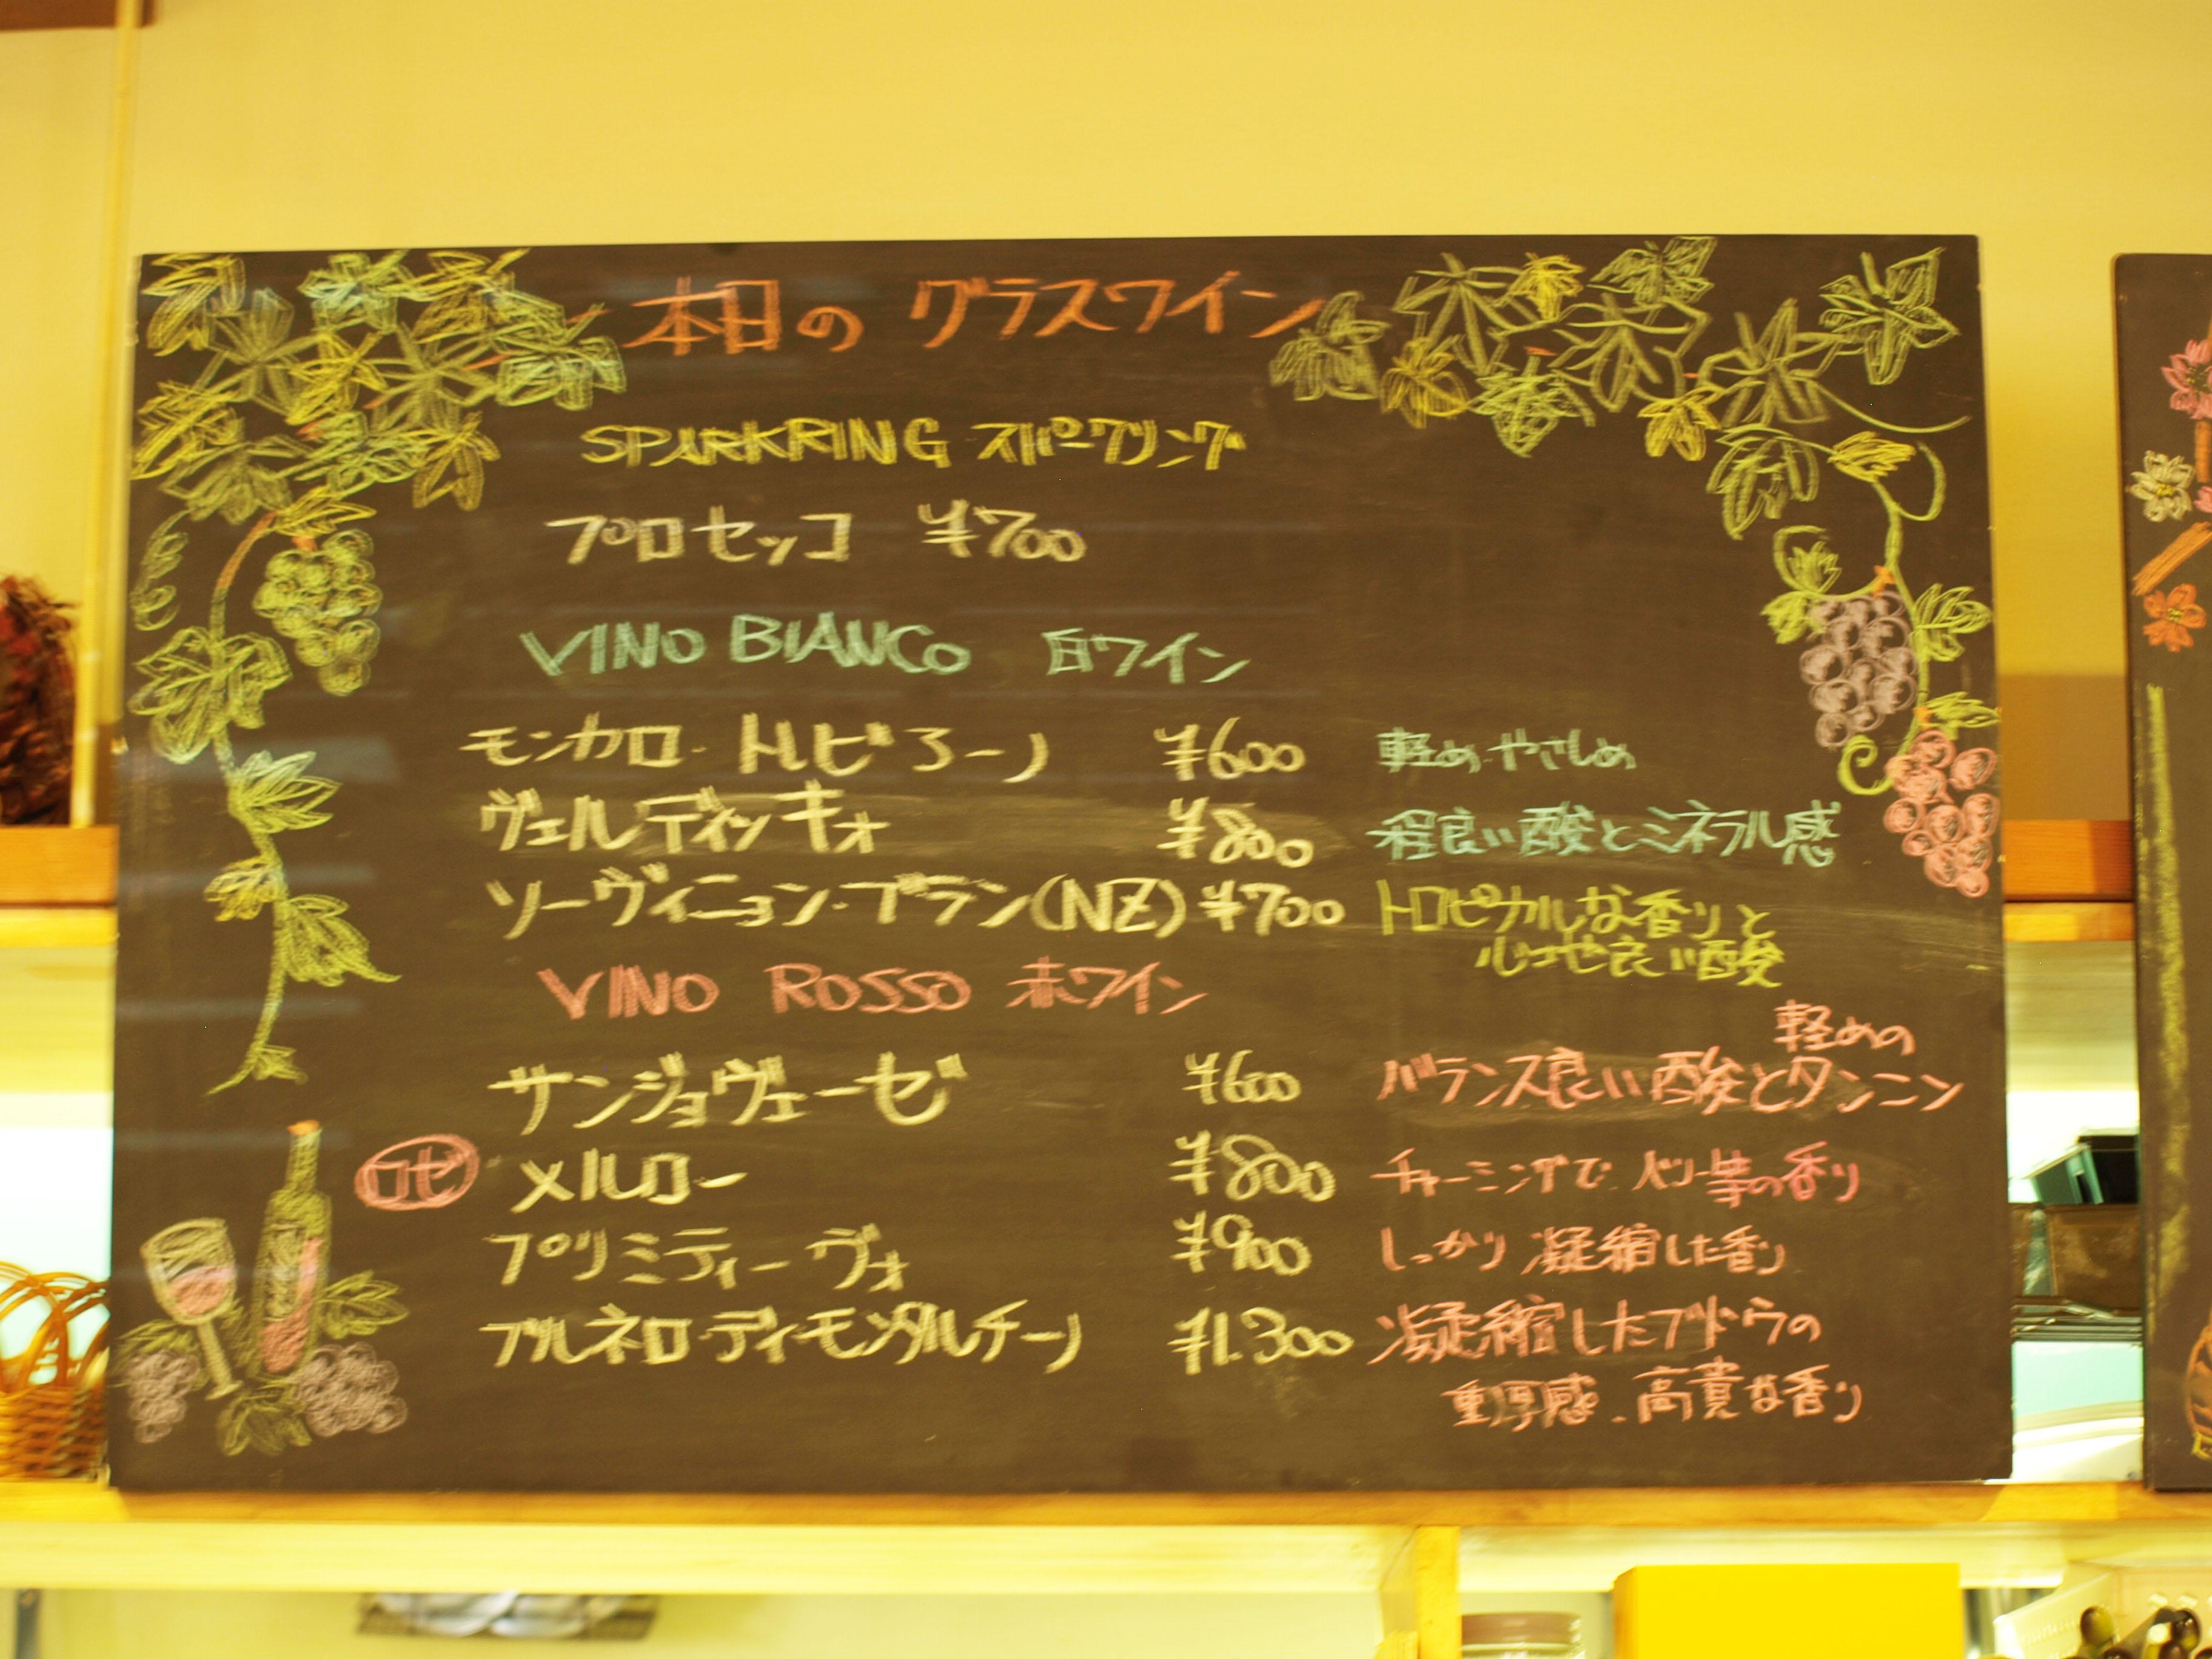 ズッカ 佐倉 本日のグラスワイン